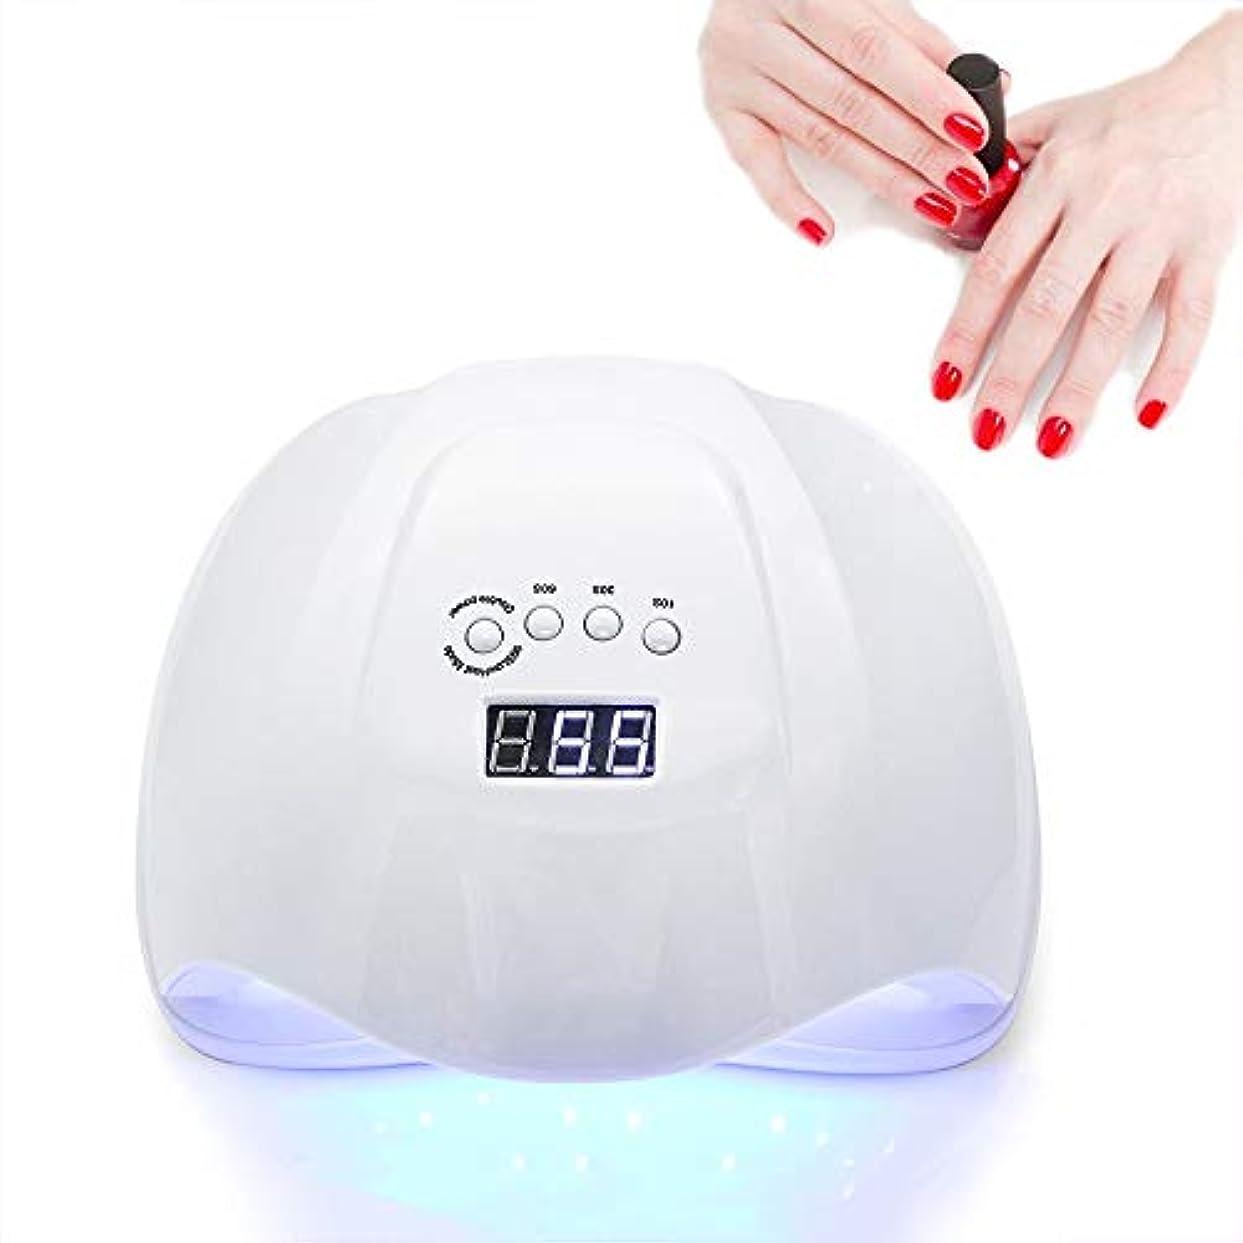 フィッティング見る人垂直ネイルドライヤーネイルライトオールジェルポリッシュ用硬化ランプ36 LEDデュアル光源10秒/ 30秒/ 60秒タイマータッチスマートボタン自動センサー